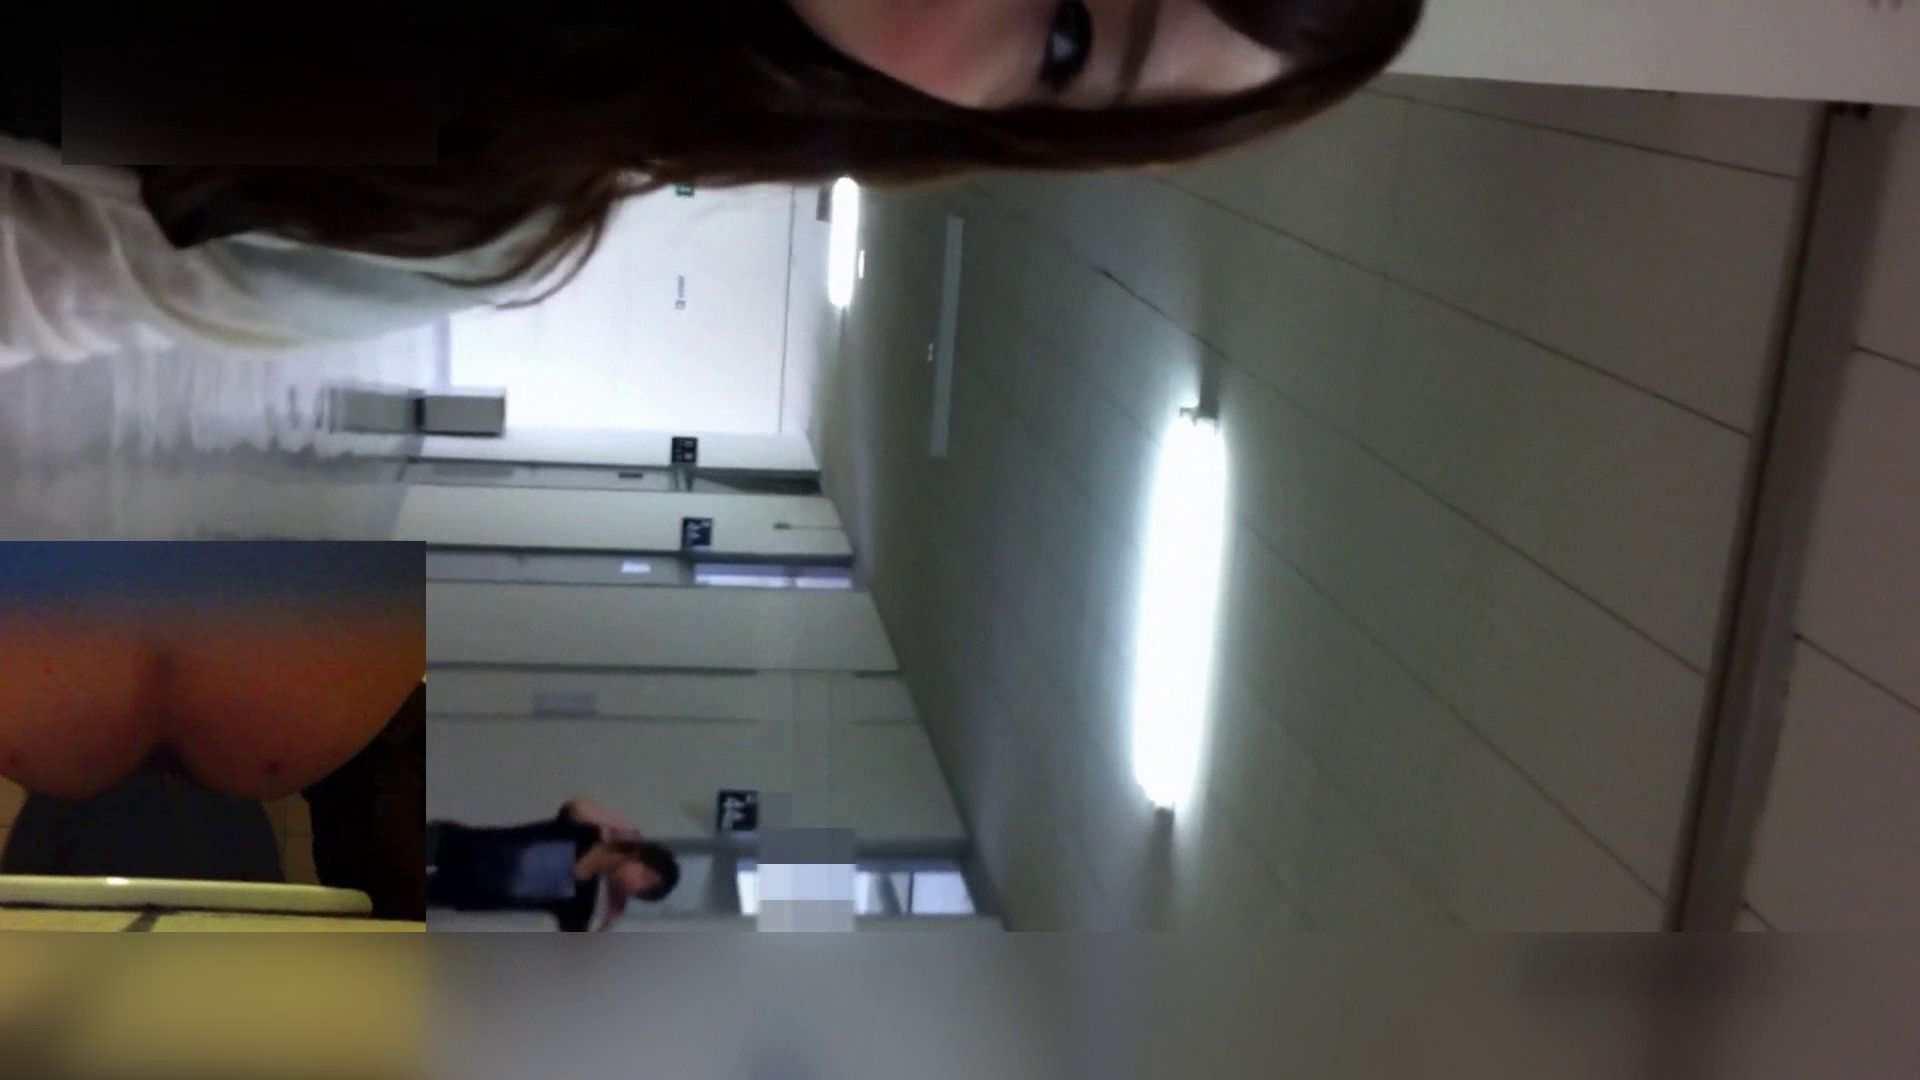 お姉さんの恥便所盗撮! Vol.24 美女エロ画像 オメコ無修正動画無料 97PICs 93